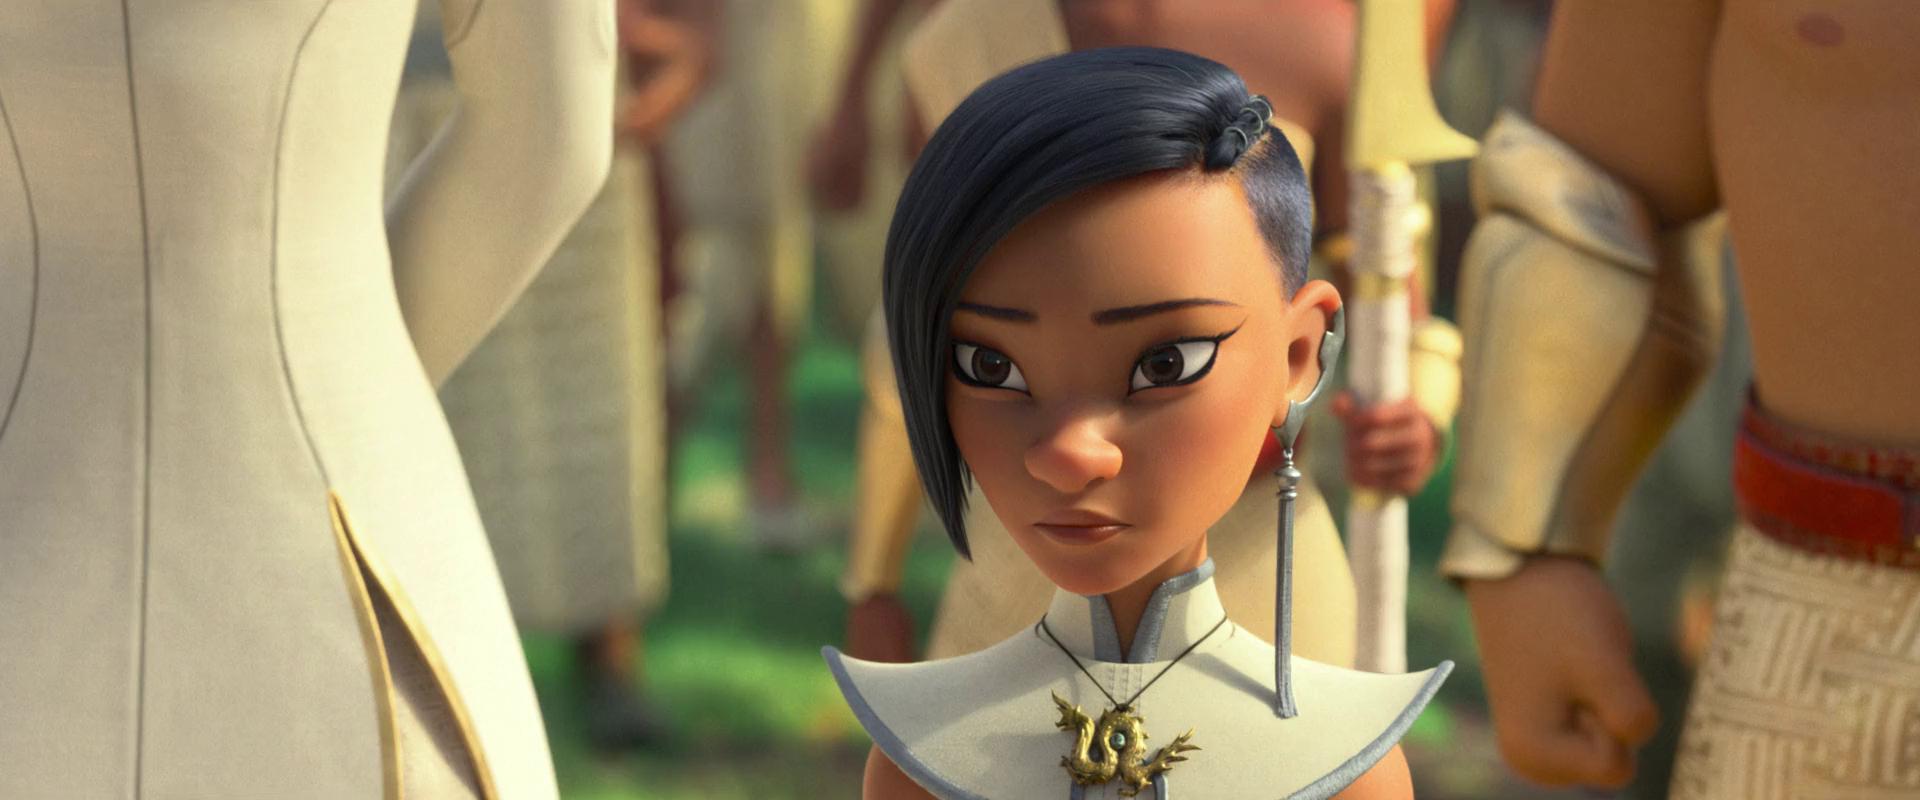 Raya and the Last Dragon (2021) 720p BluRay x264 DD5 1 [Hindi+Tamil+Telugu+English]